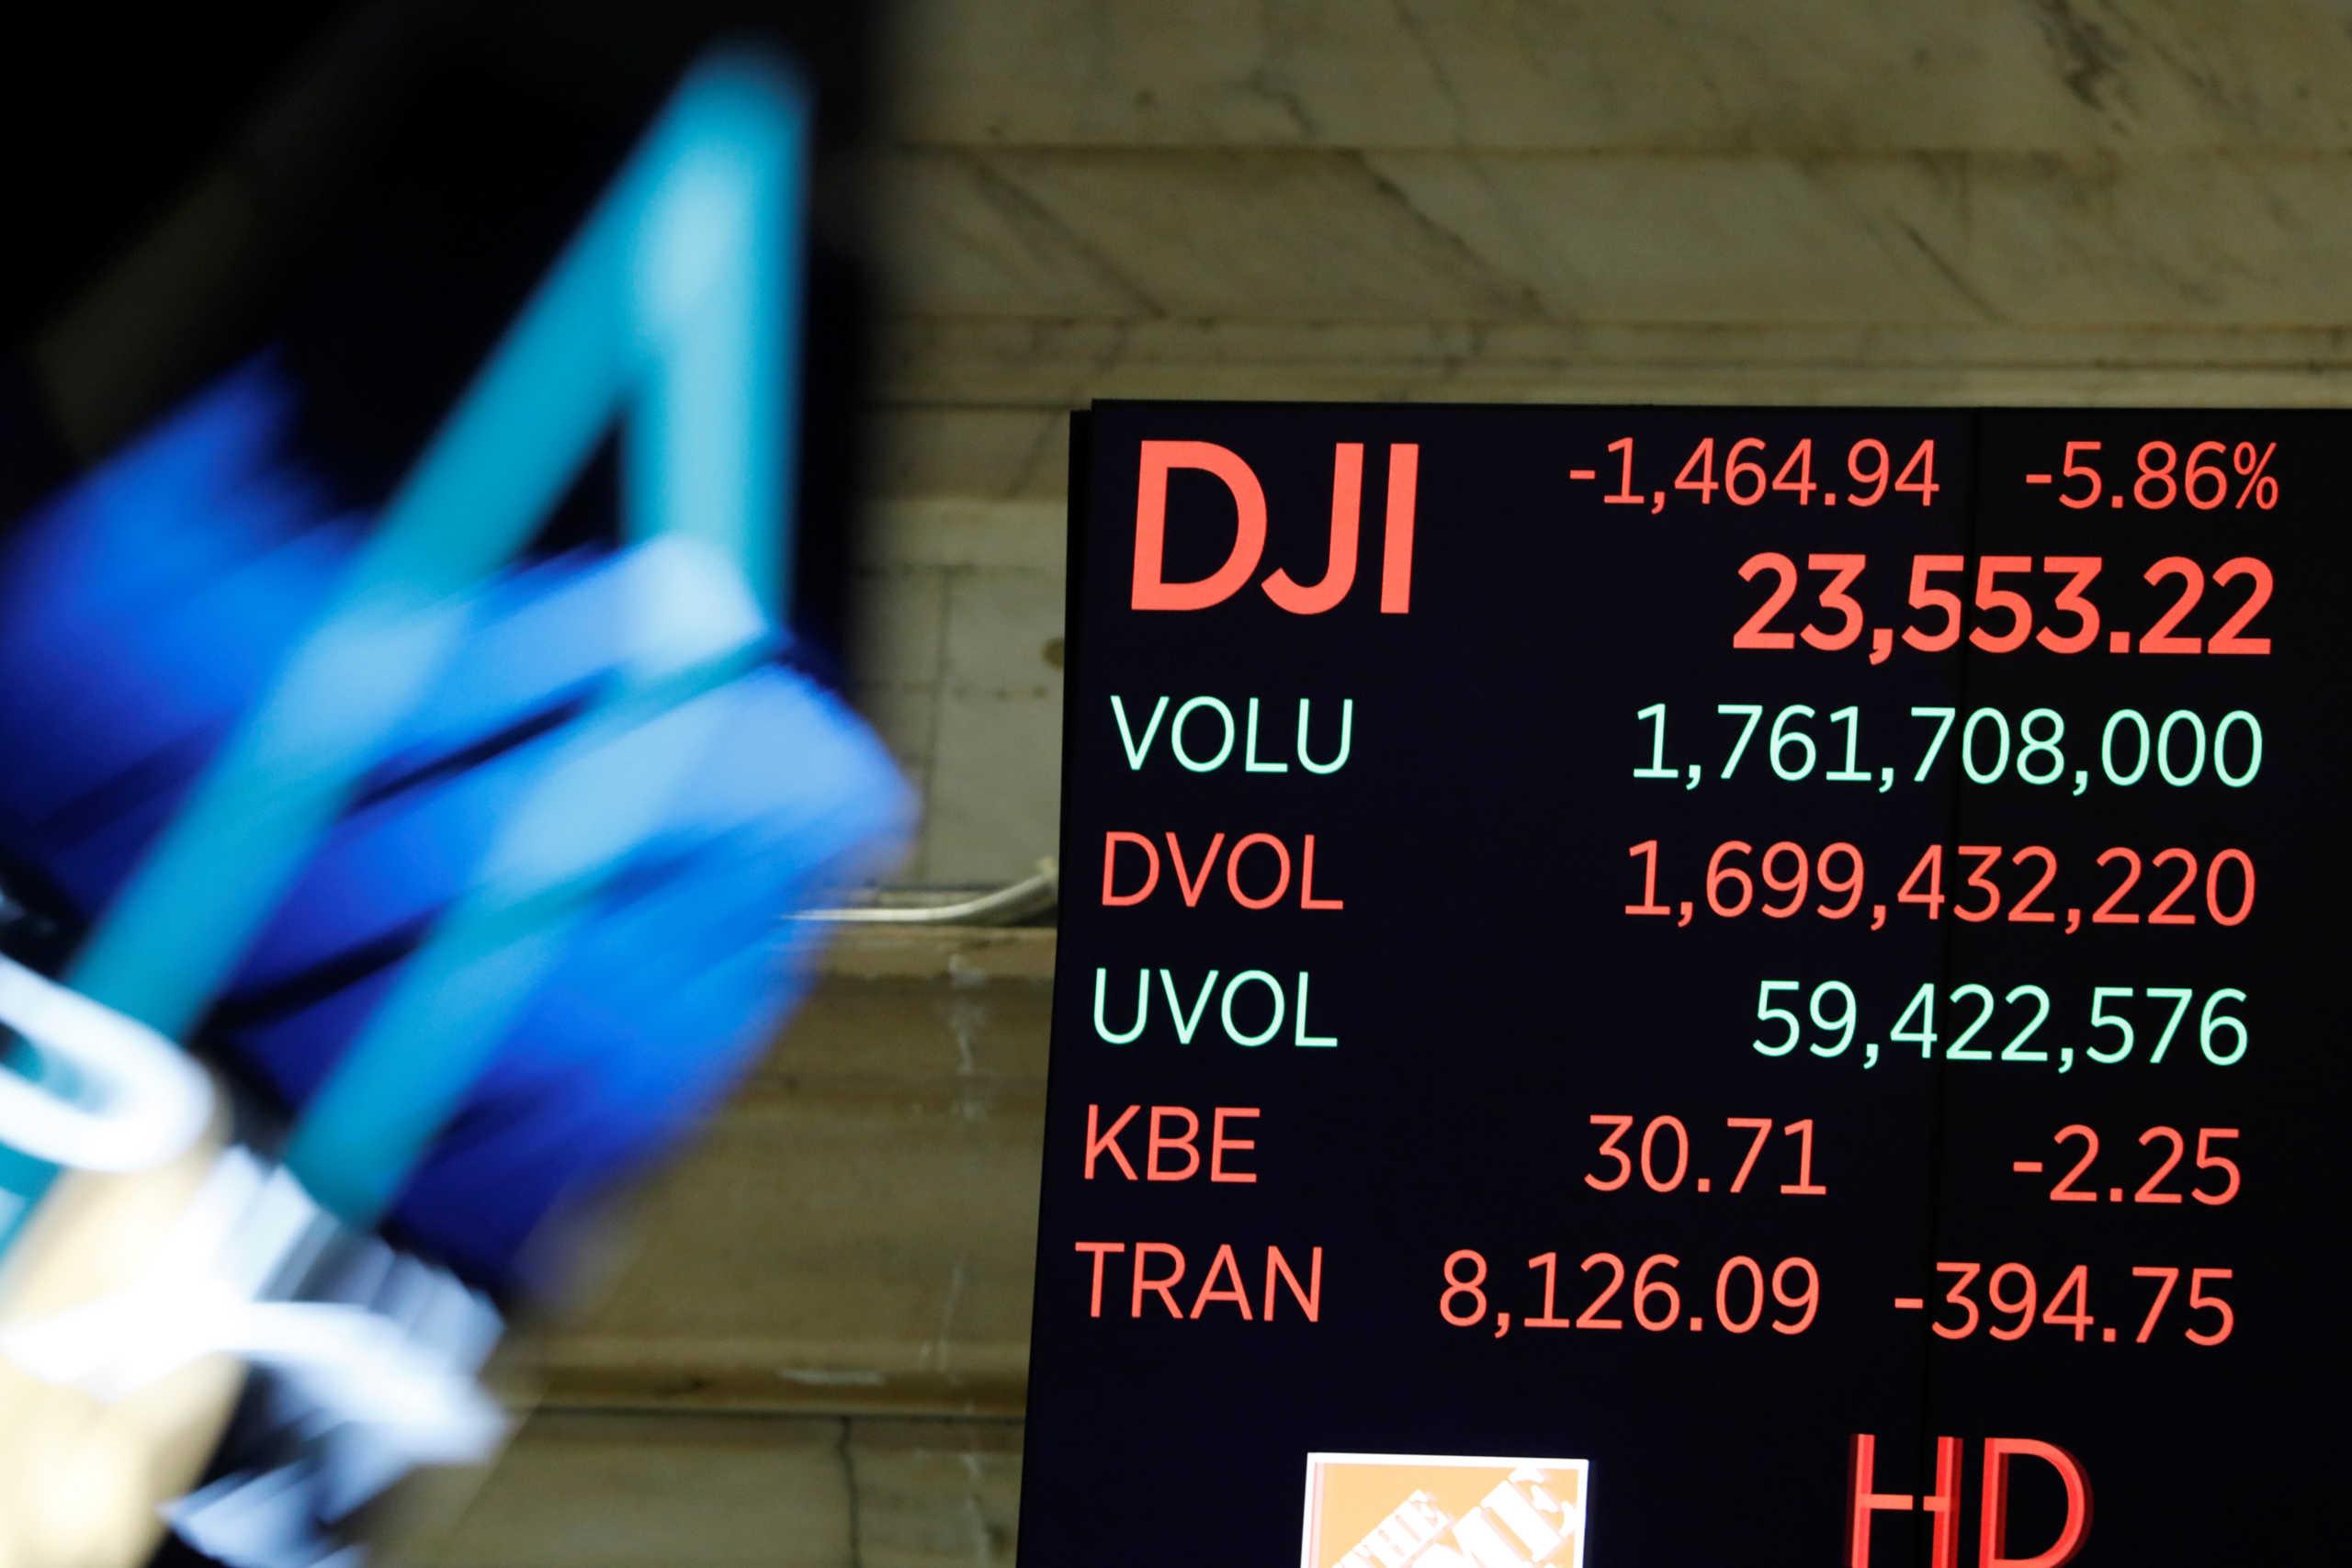 Χρηματιστήριο: Ανάσα για την Wall Street – Άνοδος πάνω από 7%